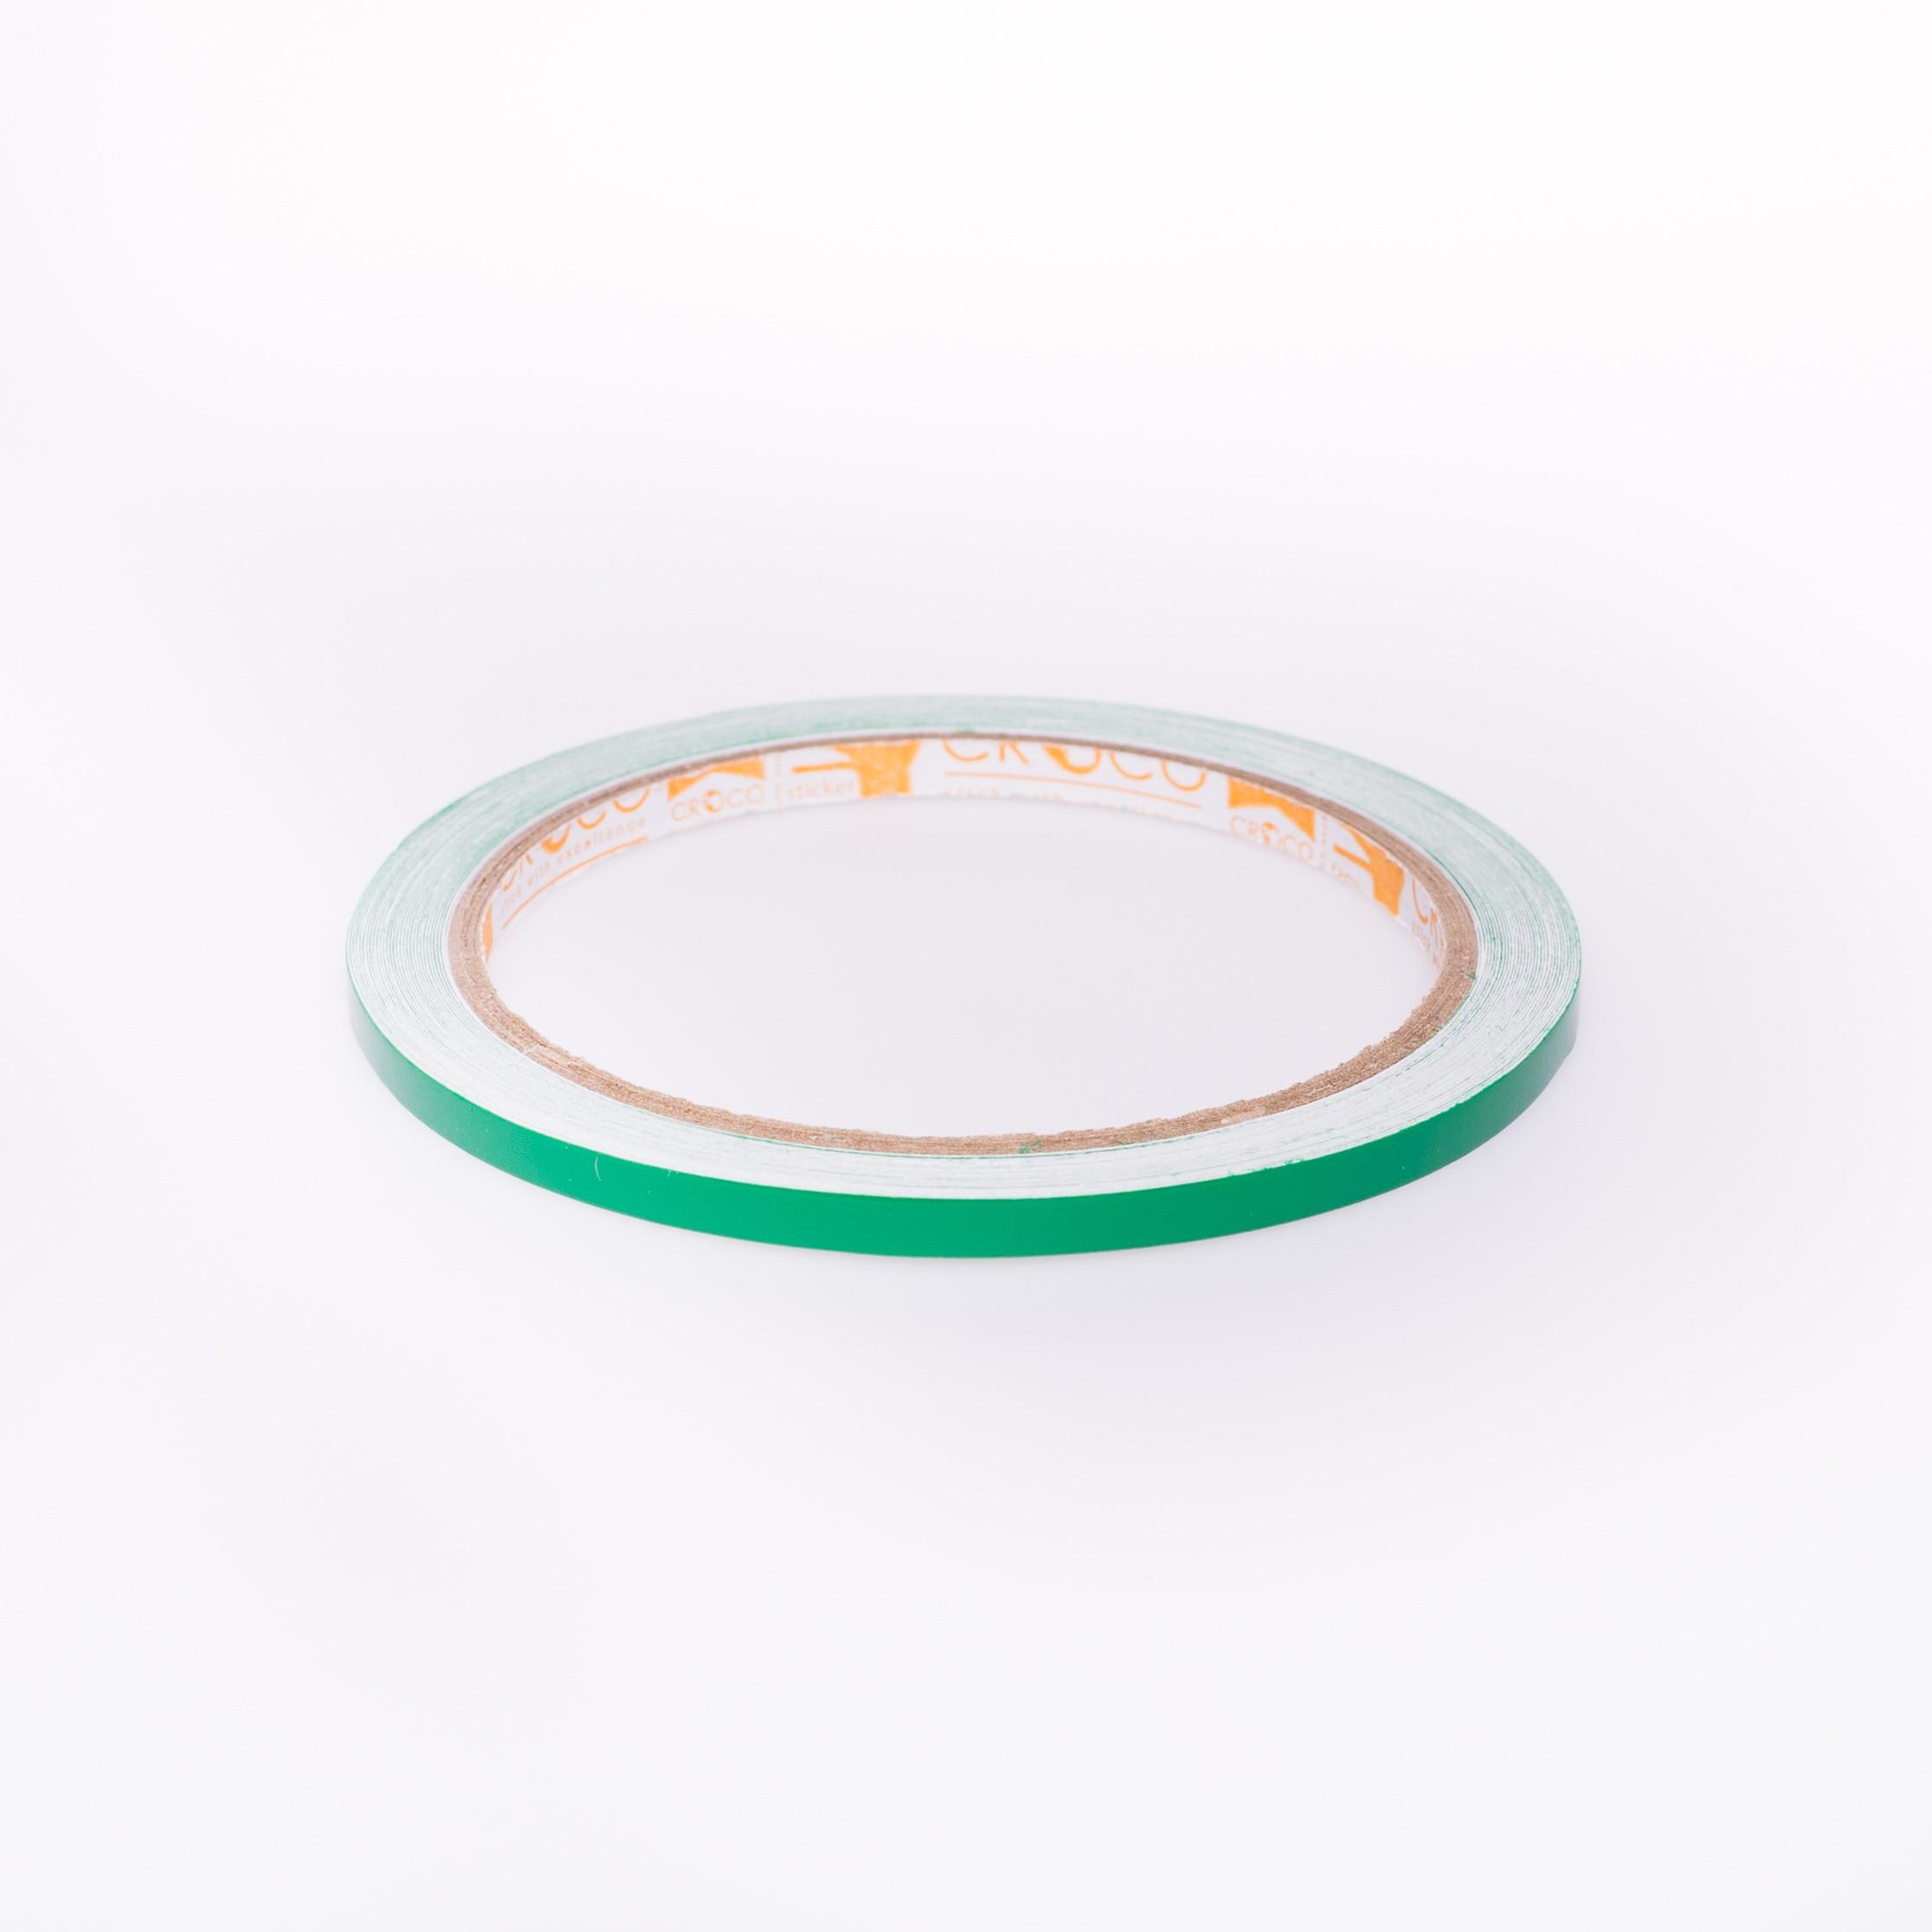 เทปตีเส้น Croco PVC สีเขียวเข้ม 5 มม.x9 หลา